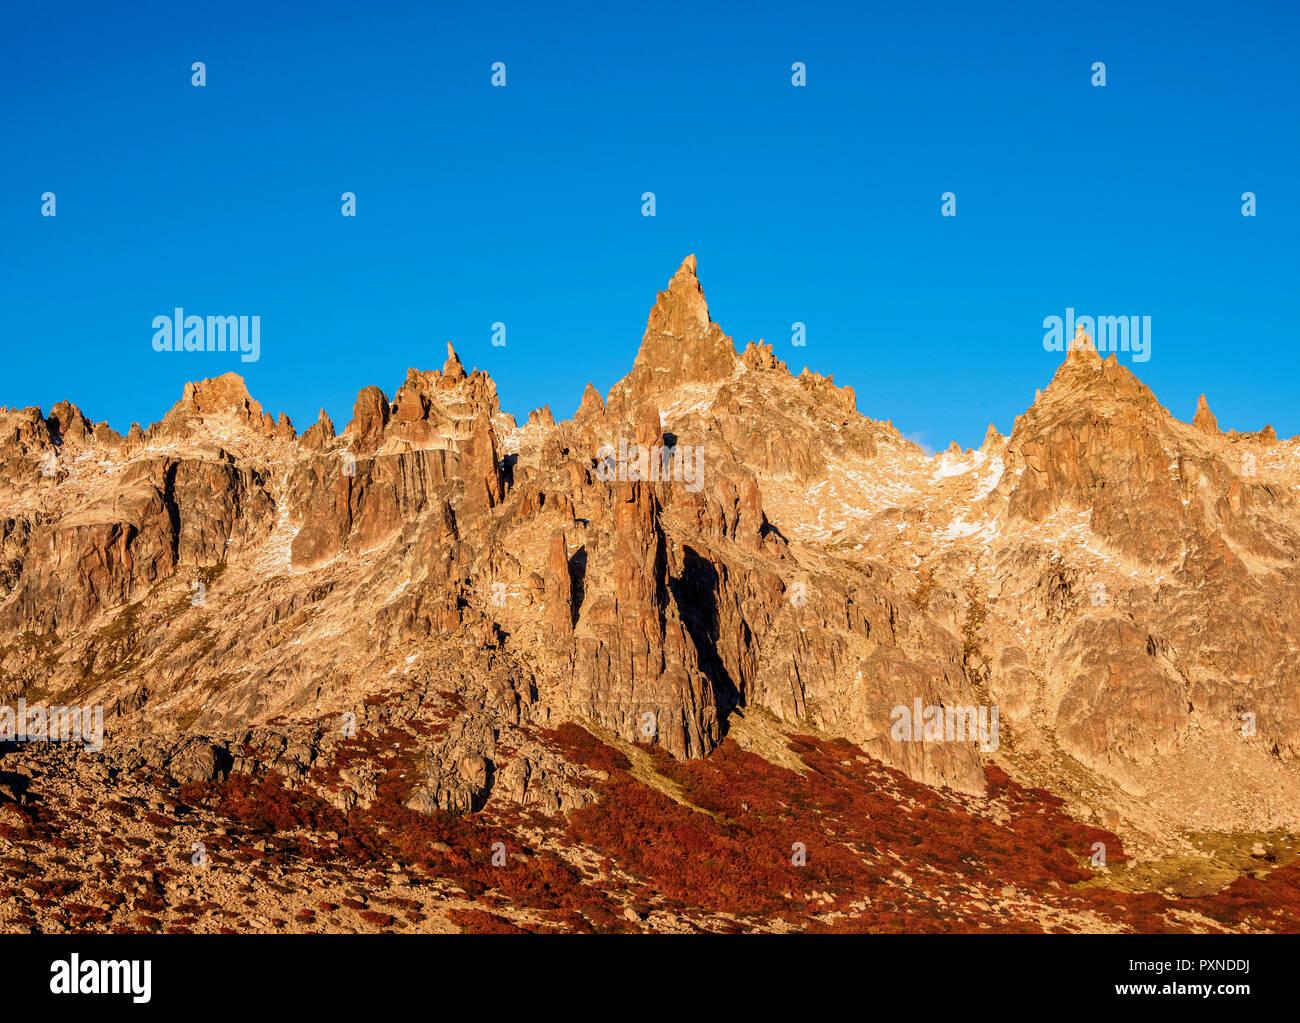 Cerro Catedral, Nahuel Huapi National Park, Rio Negro Province, Argentina - Stock Image